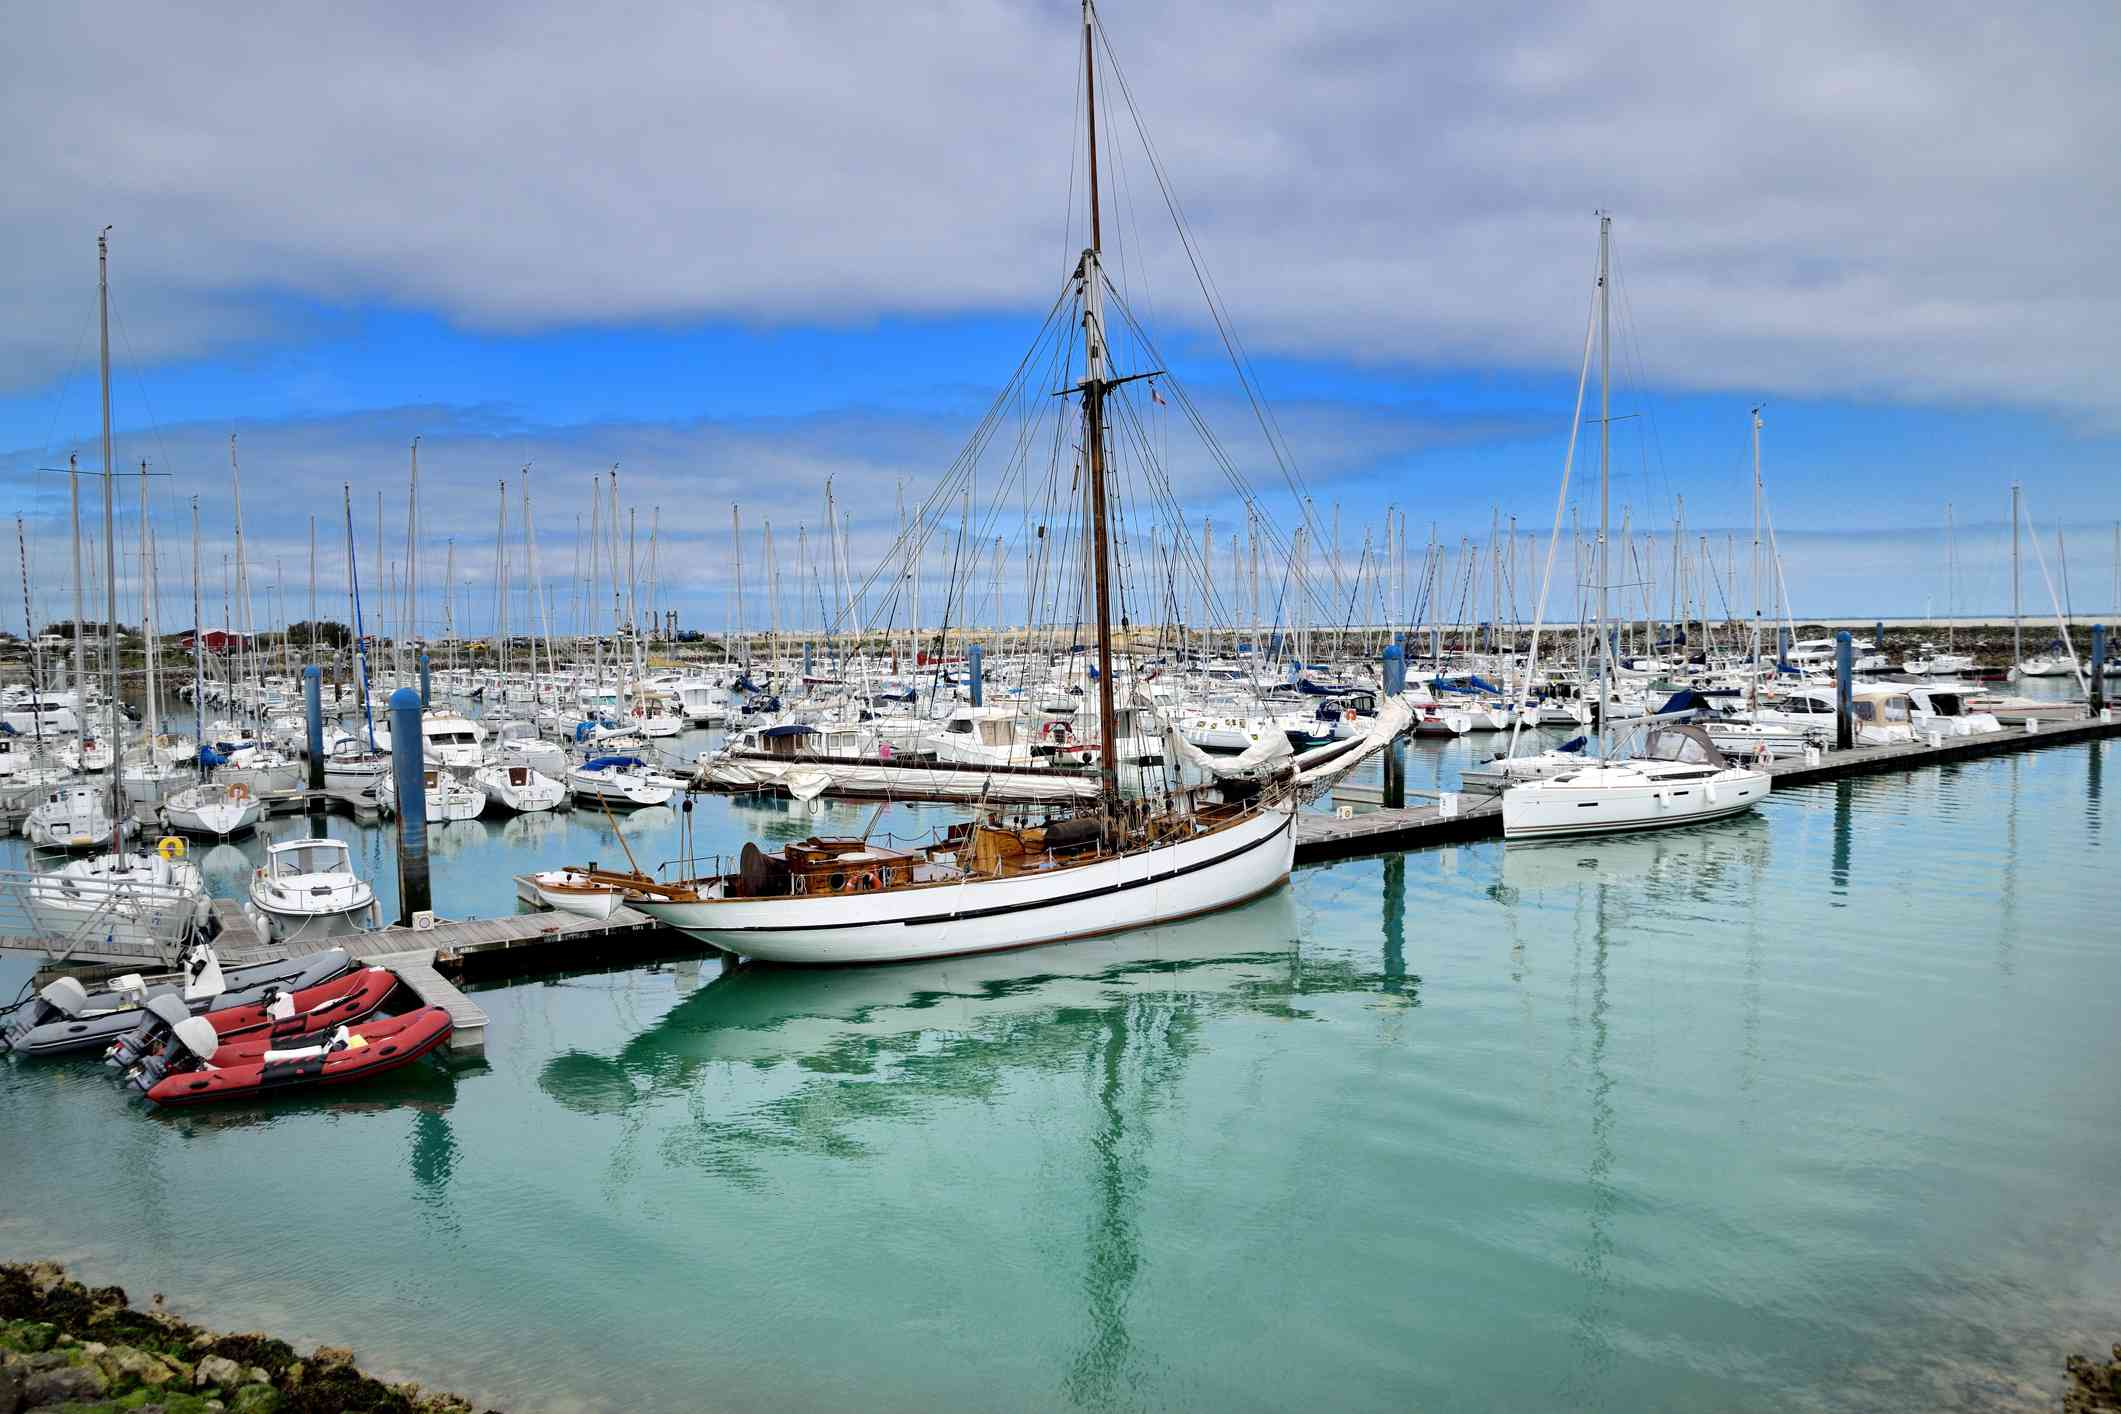 Marina, Île d'Oléron, Brittany, France